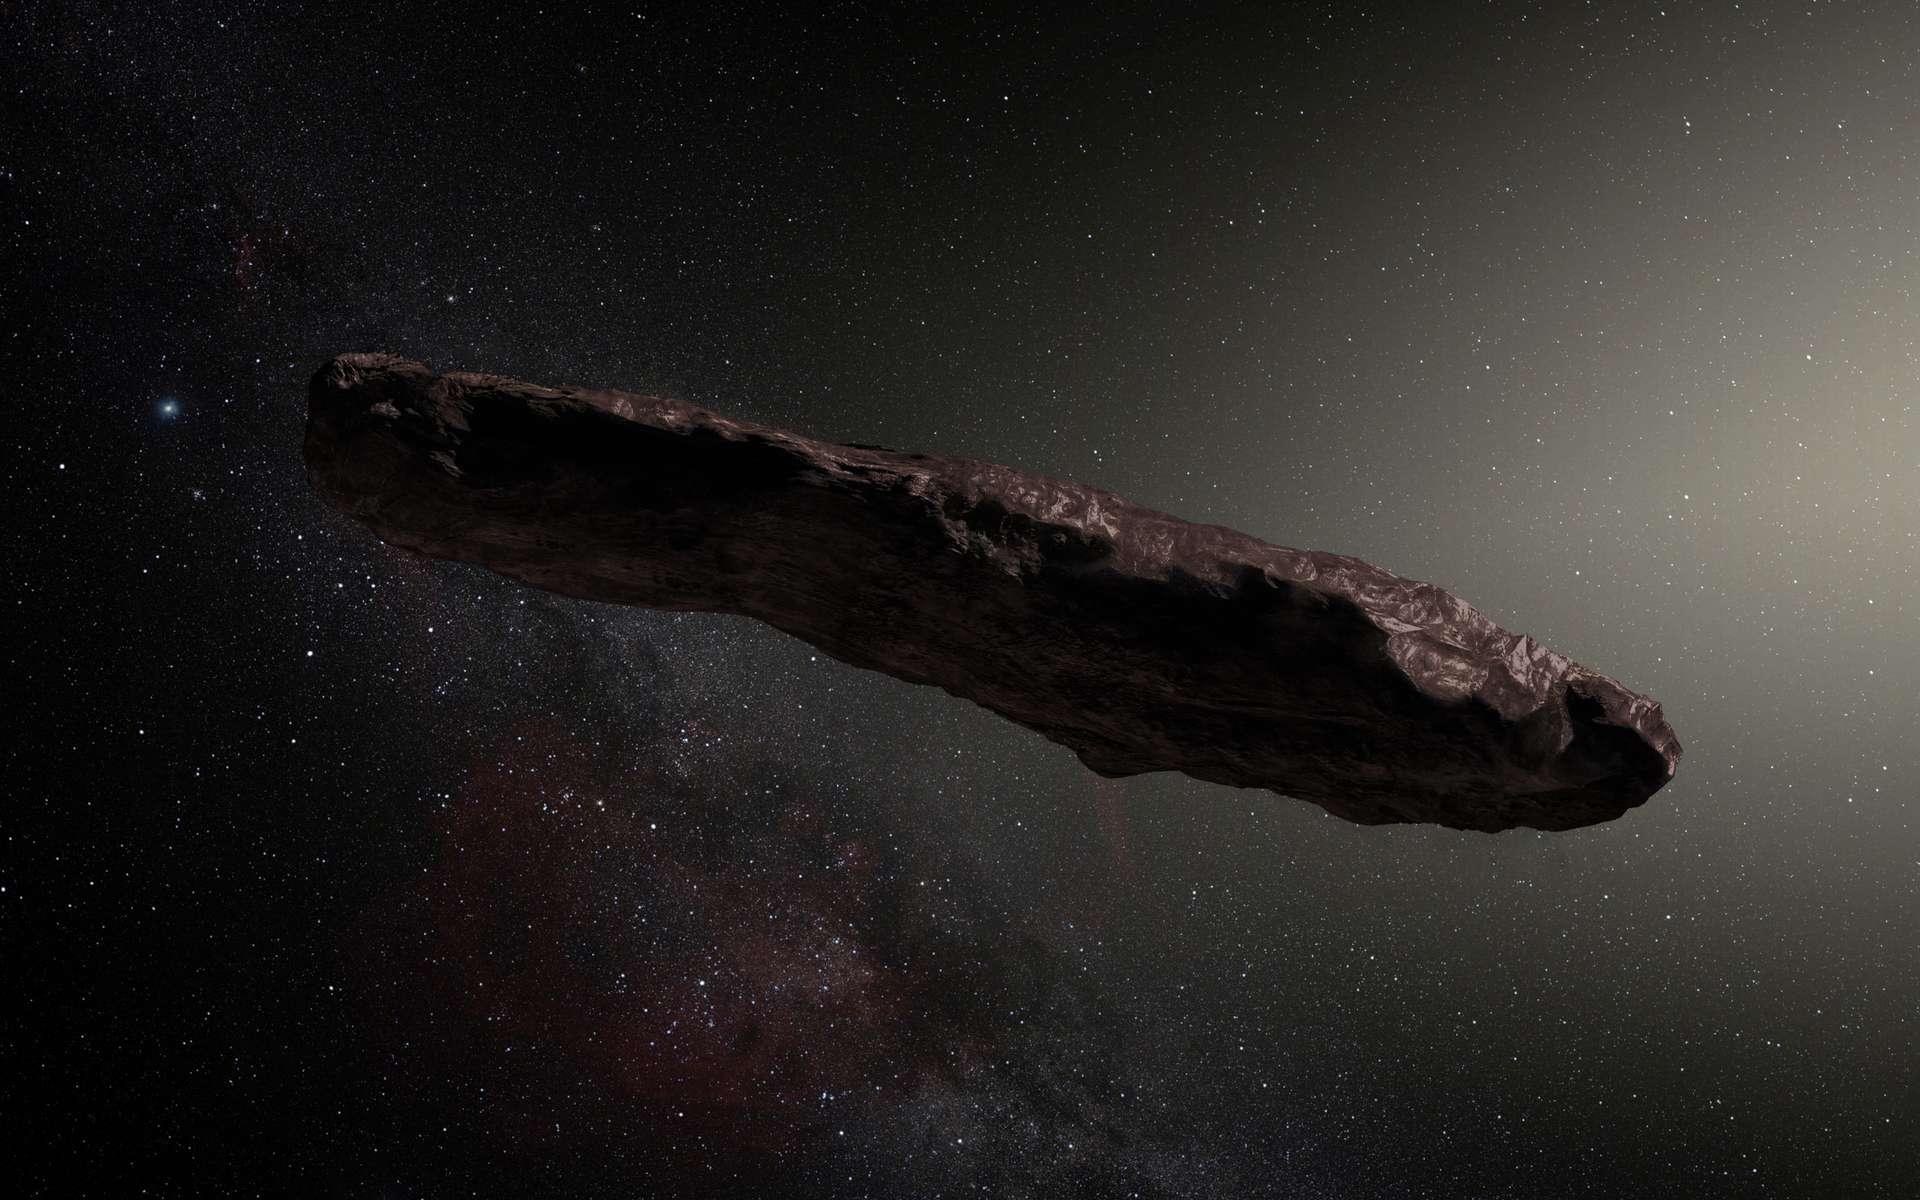 Illustration de 1I/2017 U1 'Oumuamua, premier astéroïde interstellaire découvert (19 octobre 2017). © ESO, M. Kornmesser